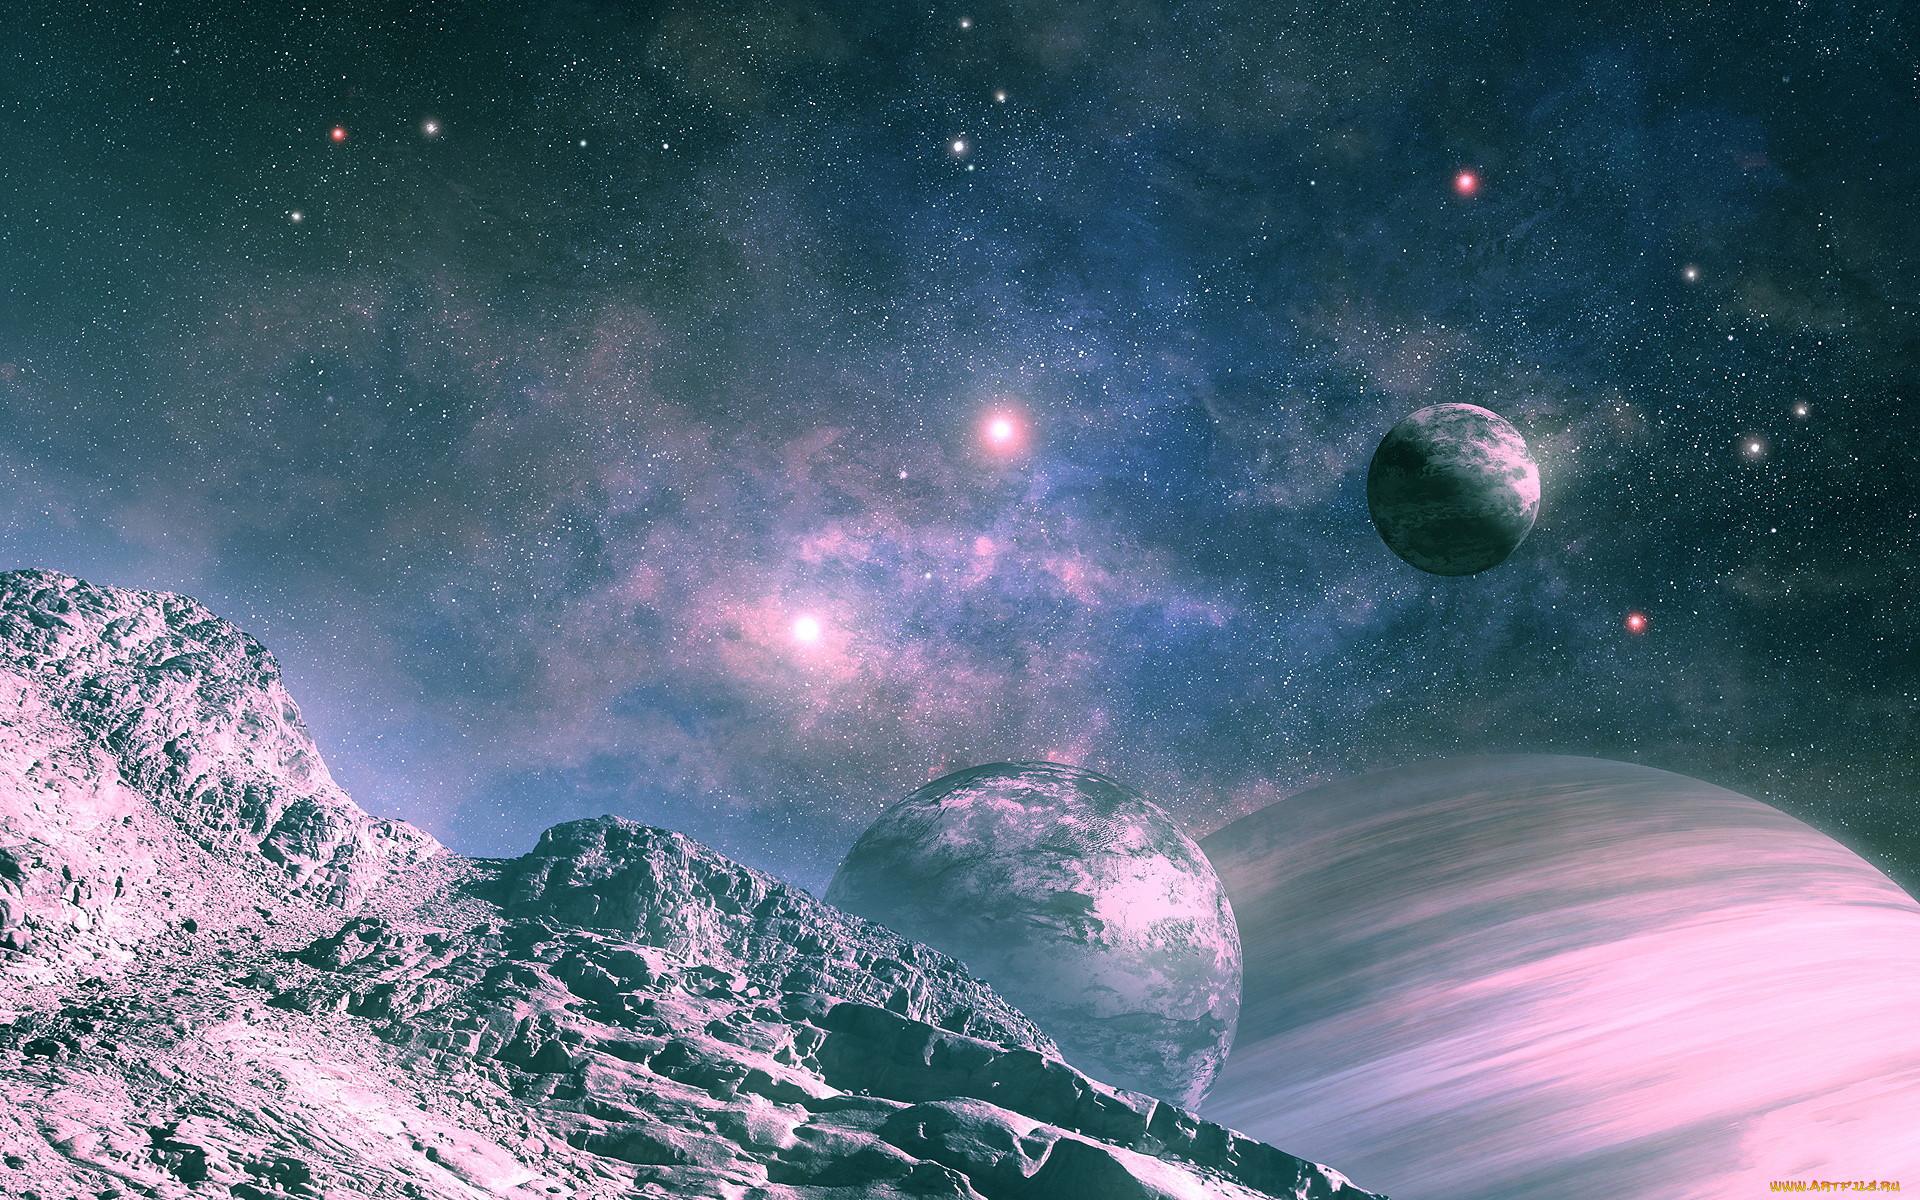 некрасов звезды планеты в увеличенном виде фотографии мотивы